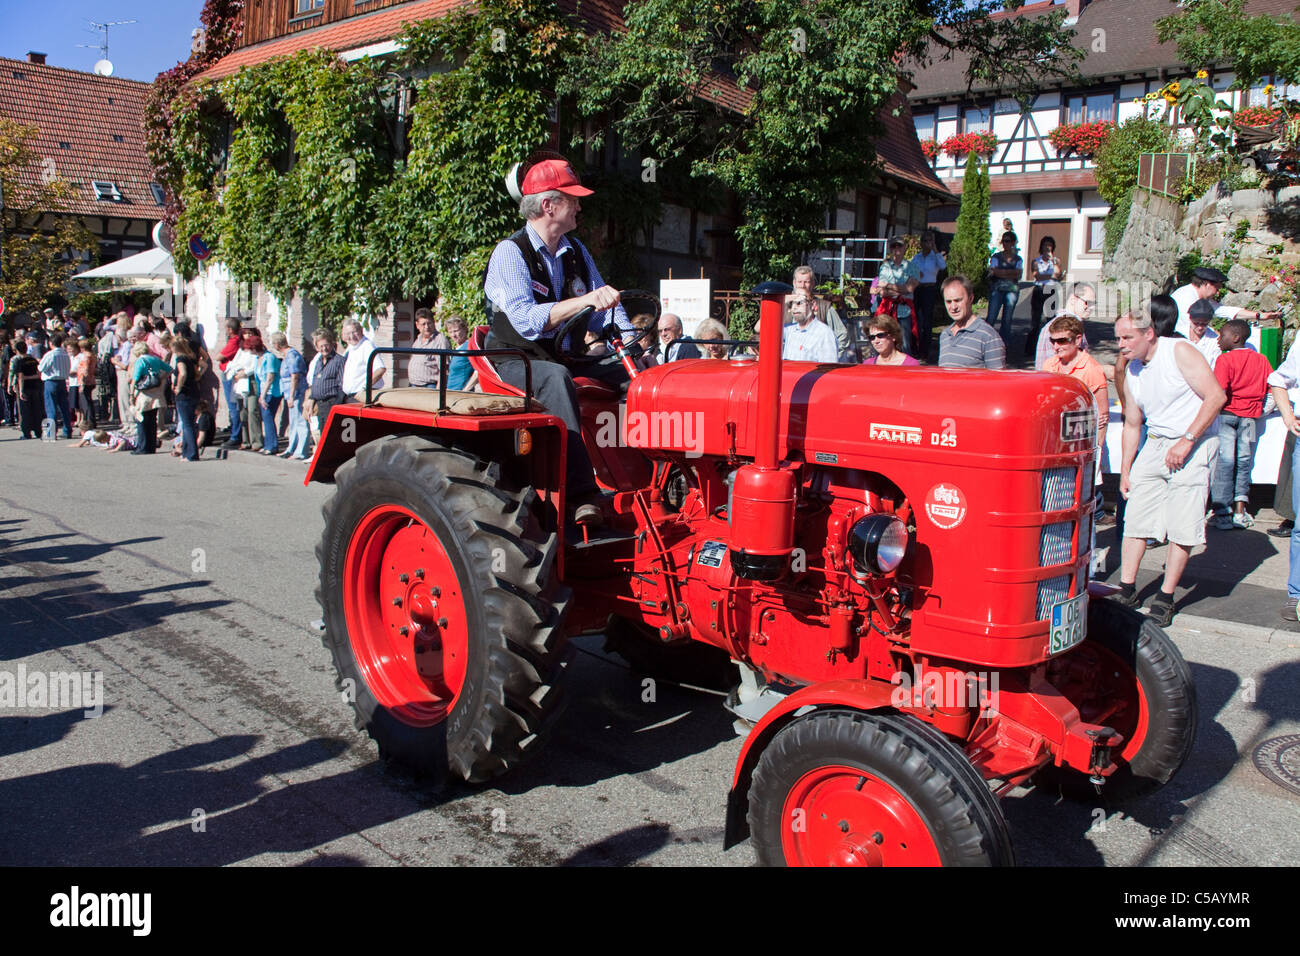 Fahr Oldtimer Traktor, Festumzug Erntedankfest, Weinfest, Traktor Oldtimer Erntedankfest Thanksgiving Tag Schwarzwald Stockbild